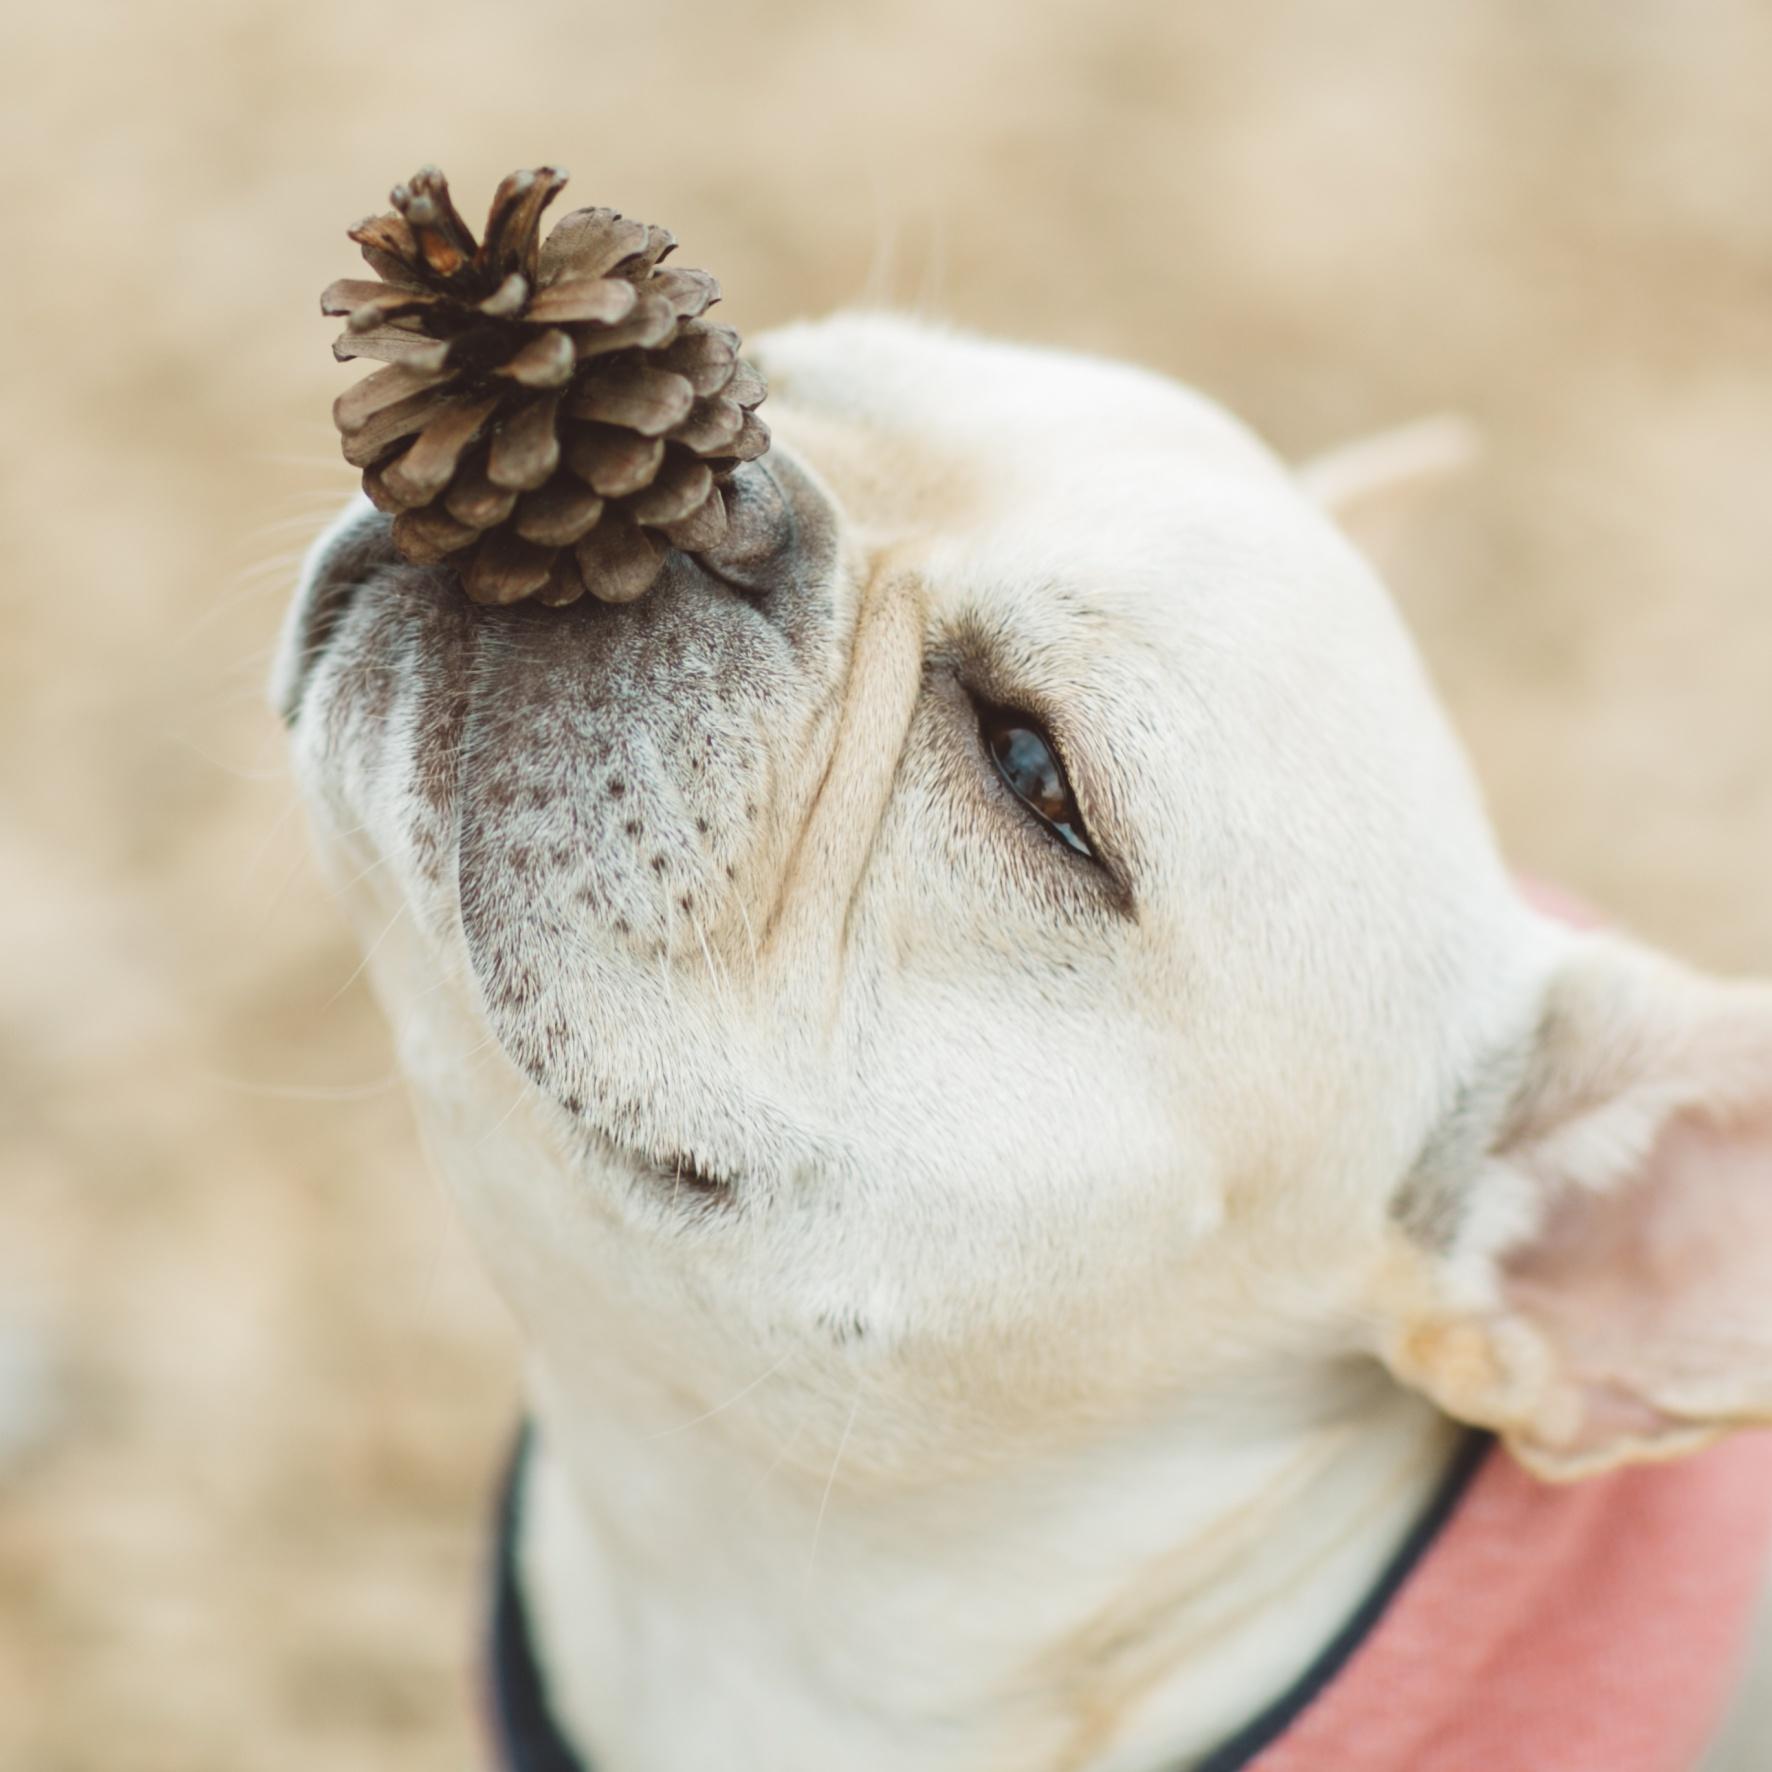 拝啓 犬と暮らそうと決意したあなたへ<br />byフレンチブルドッグ専門誌「BUHI」編集長